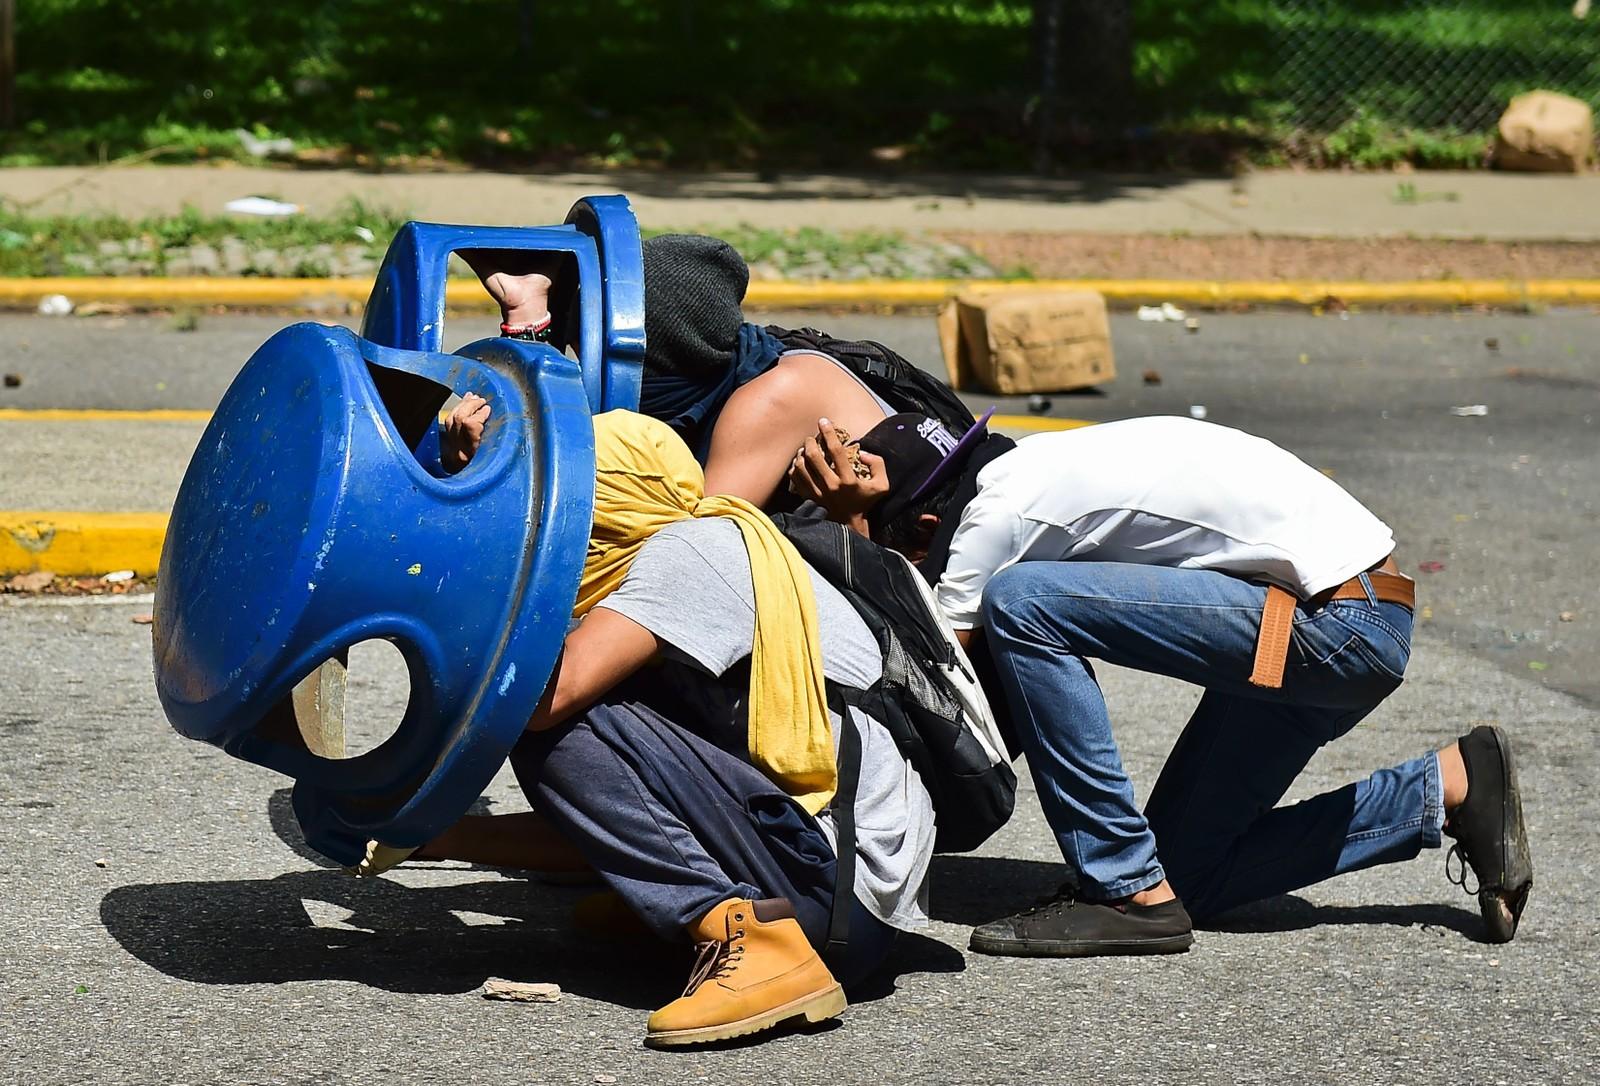 Studenter forsøker å beskytte seg mot tåregass og gummikuler skutt mot dem av opprørspoliti under en demonstrasjon i Caracas i Venezuela. Demonstrantene krever at det skal holdes en folkeavstemning om president Nicolas Maduro skal få fortsette i jobben.